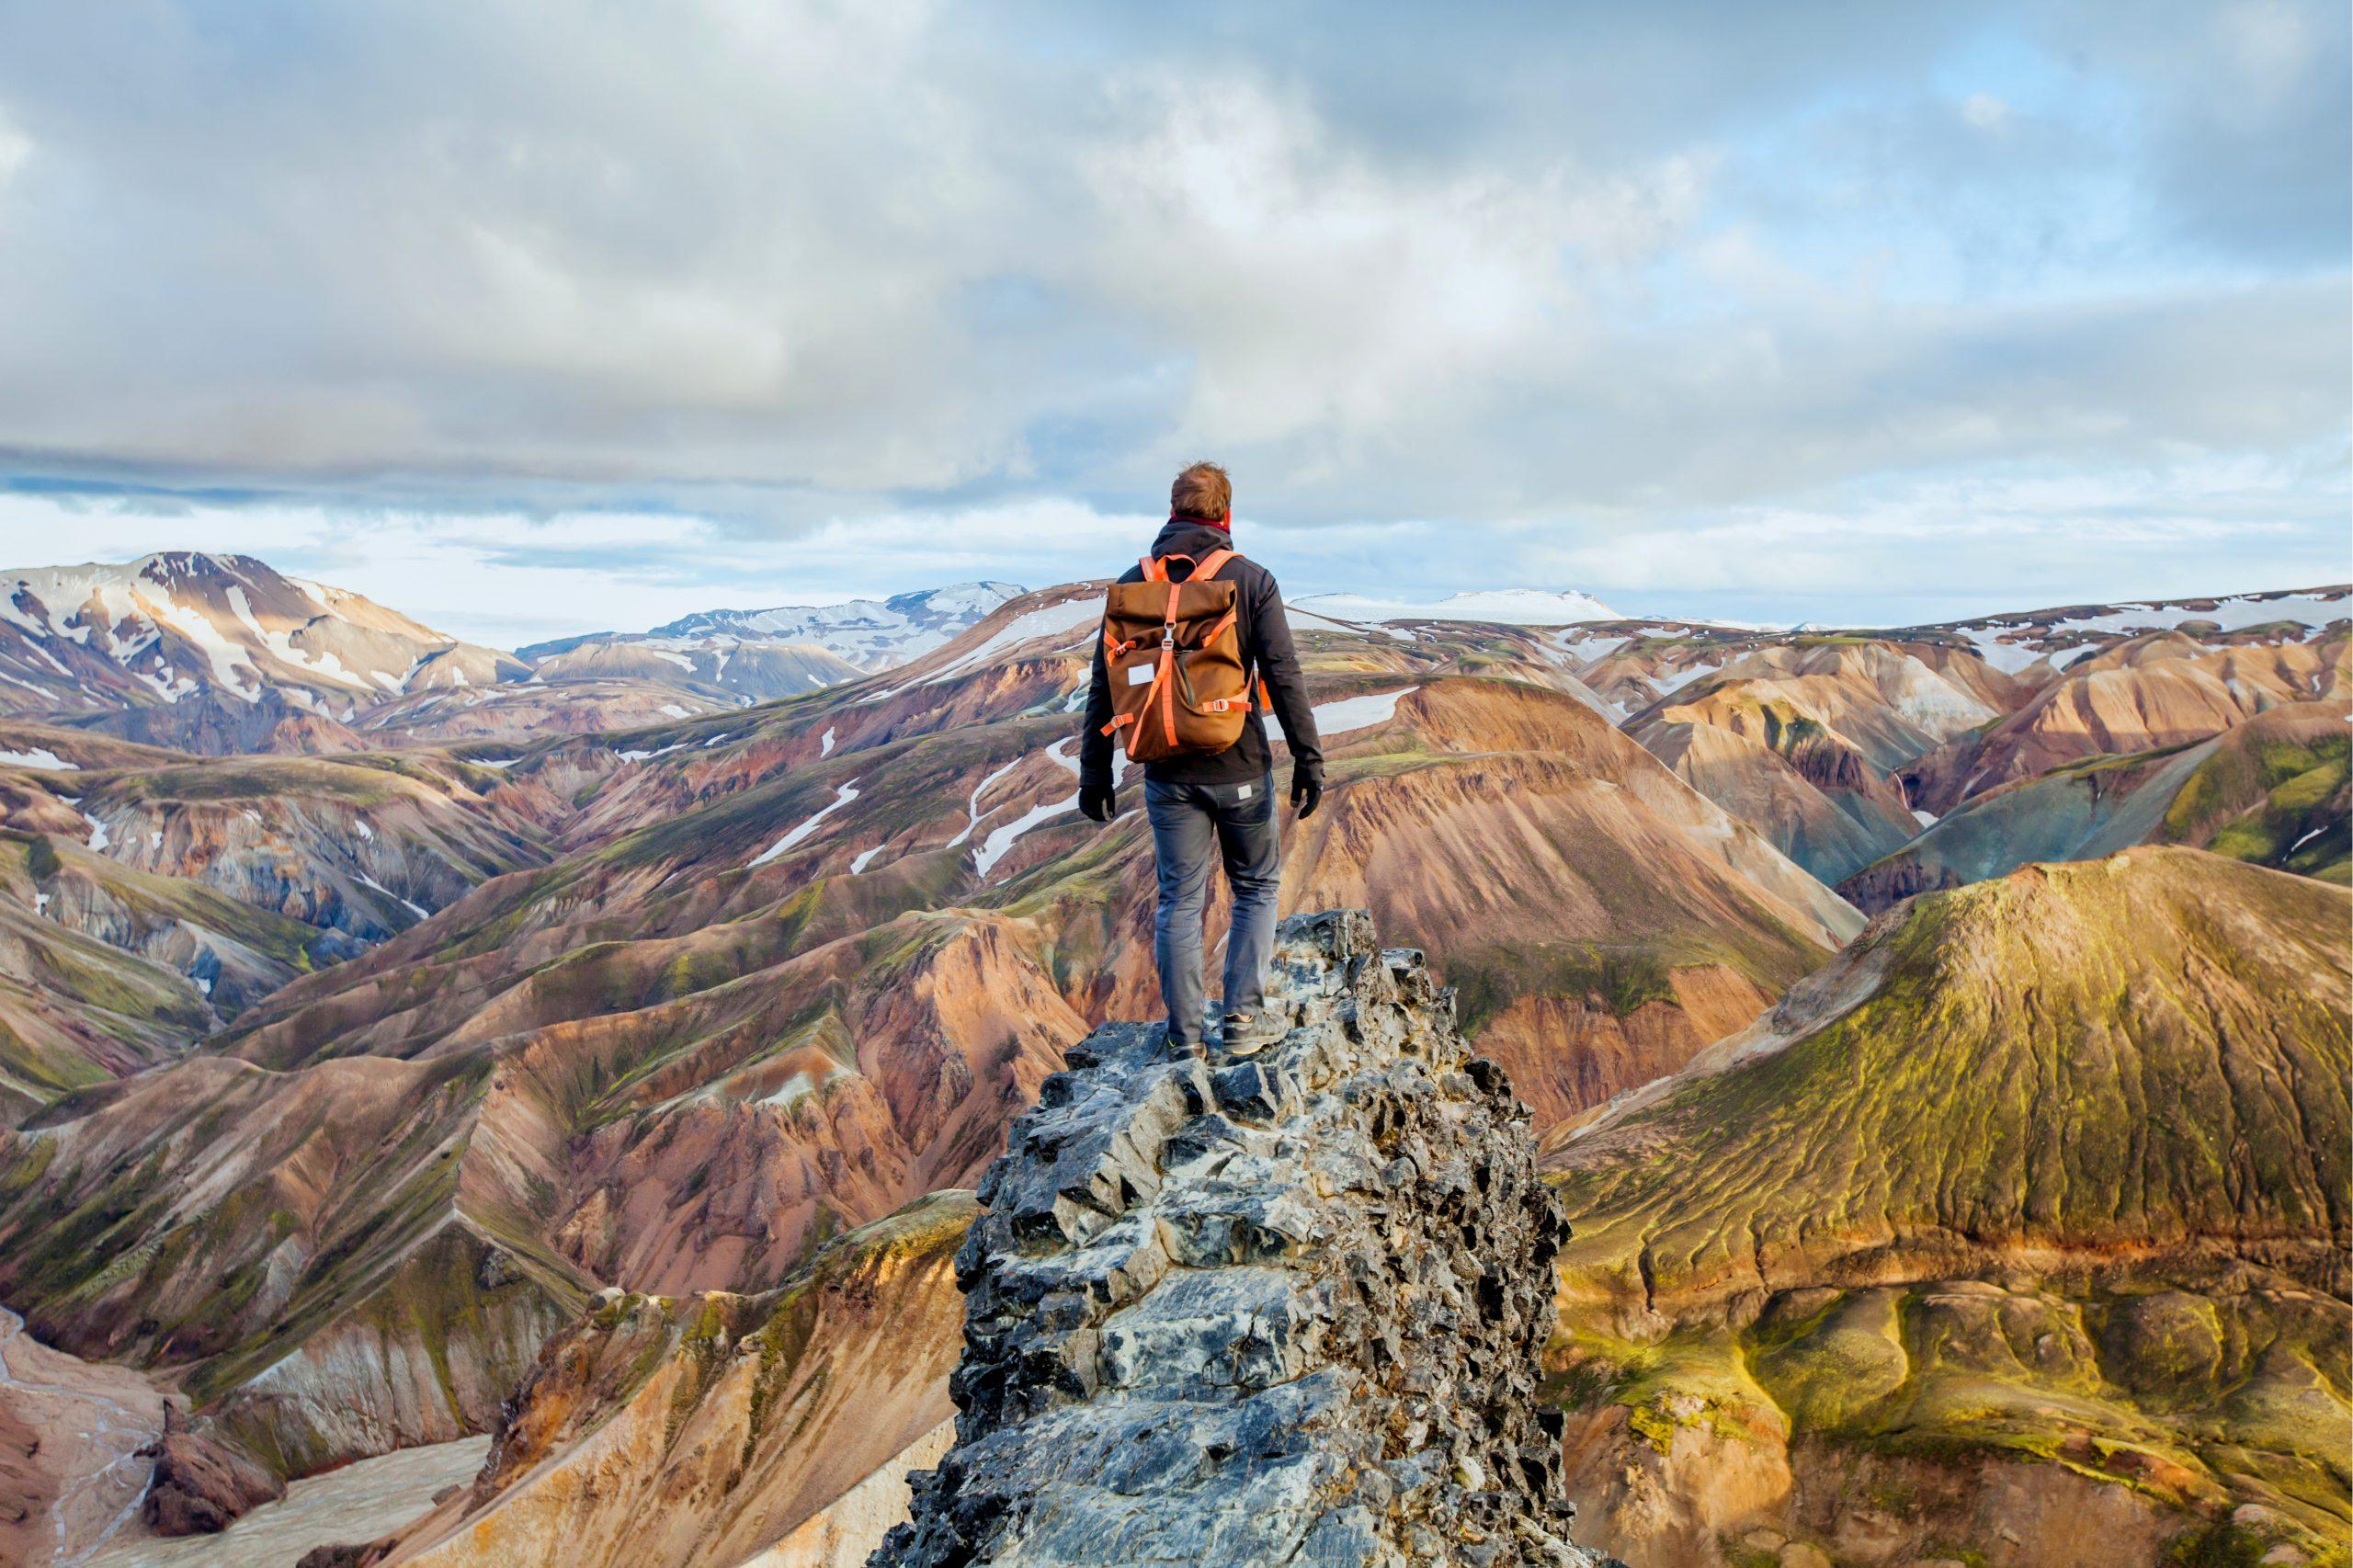 Turista contemplaba las montañas de Landmannalaugar - La cascada más alta de Islandia